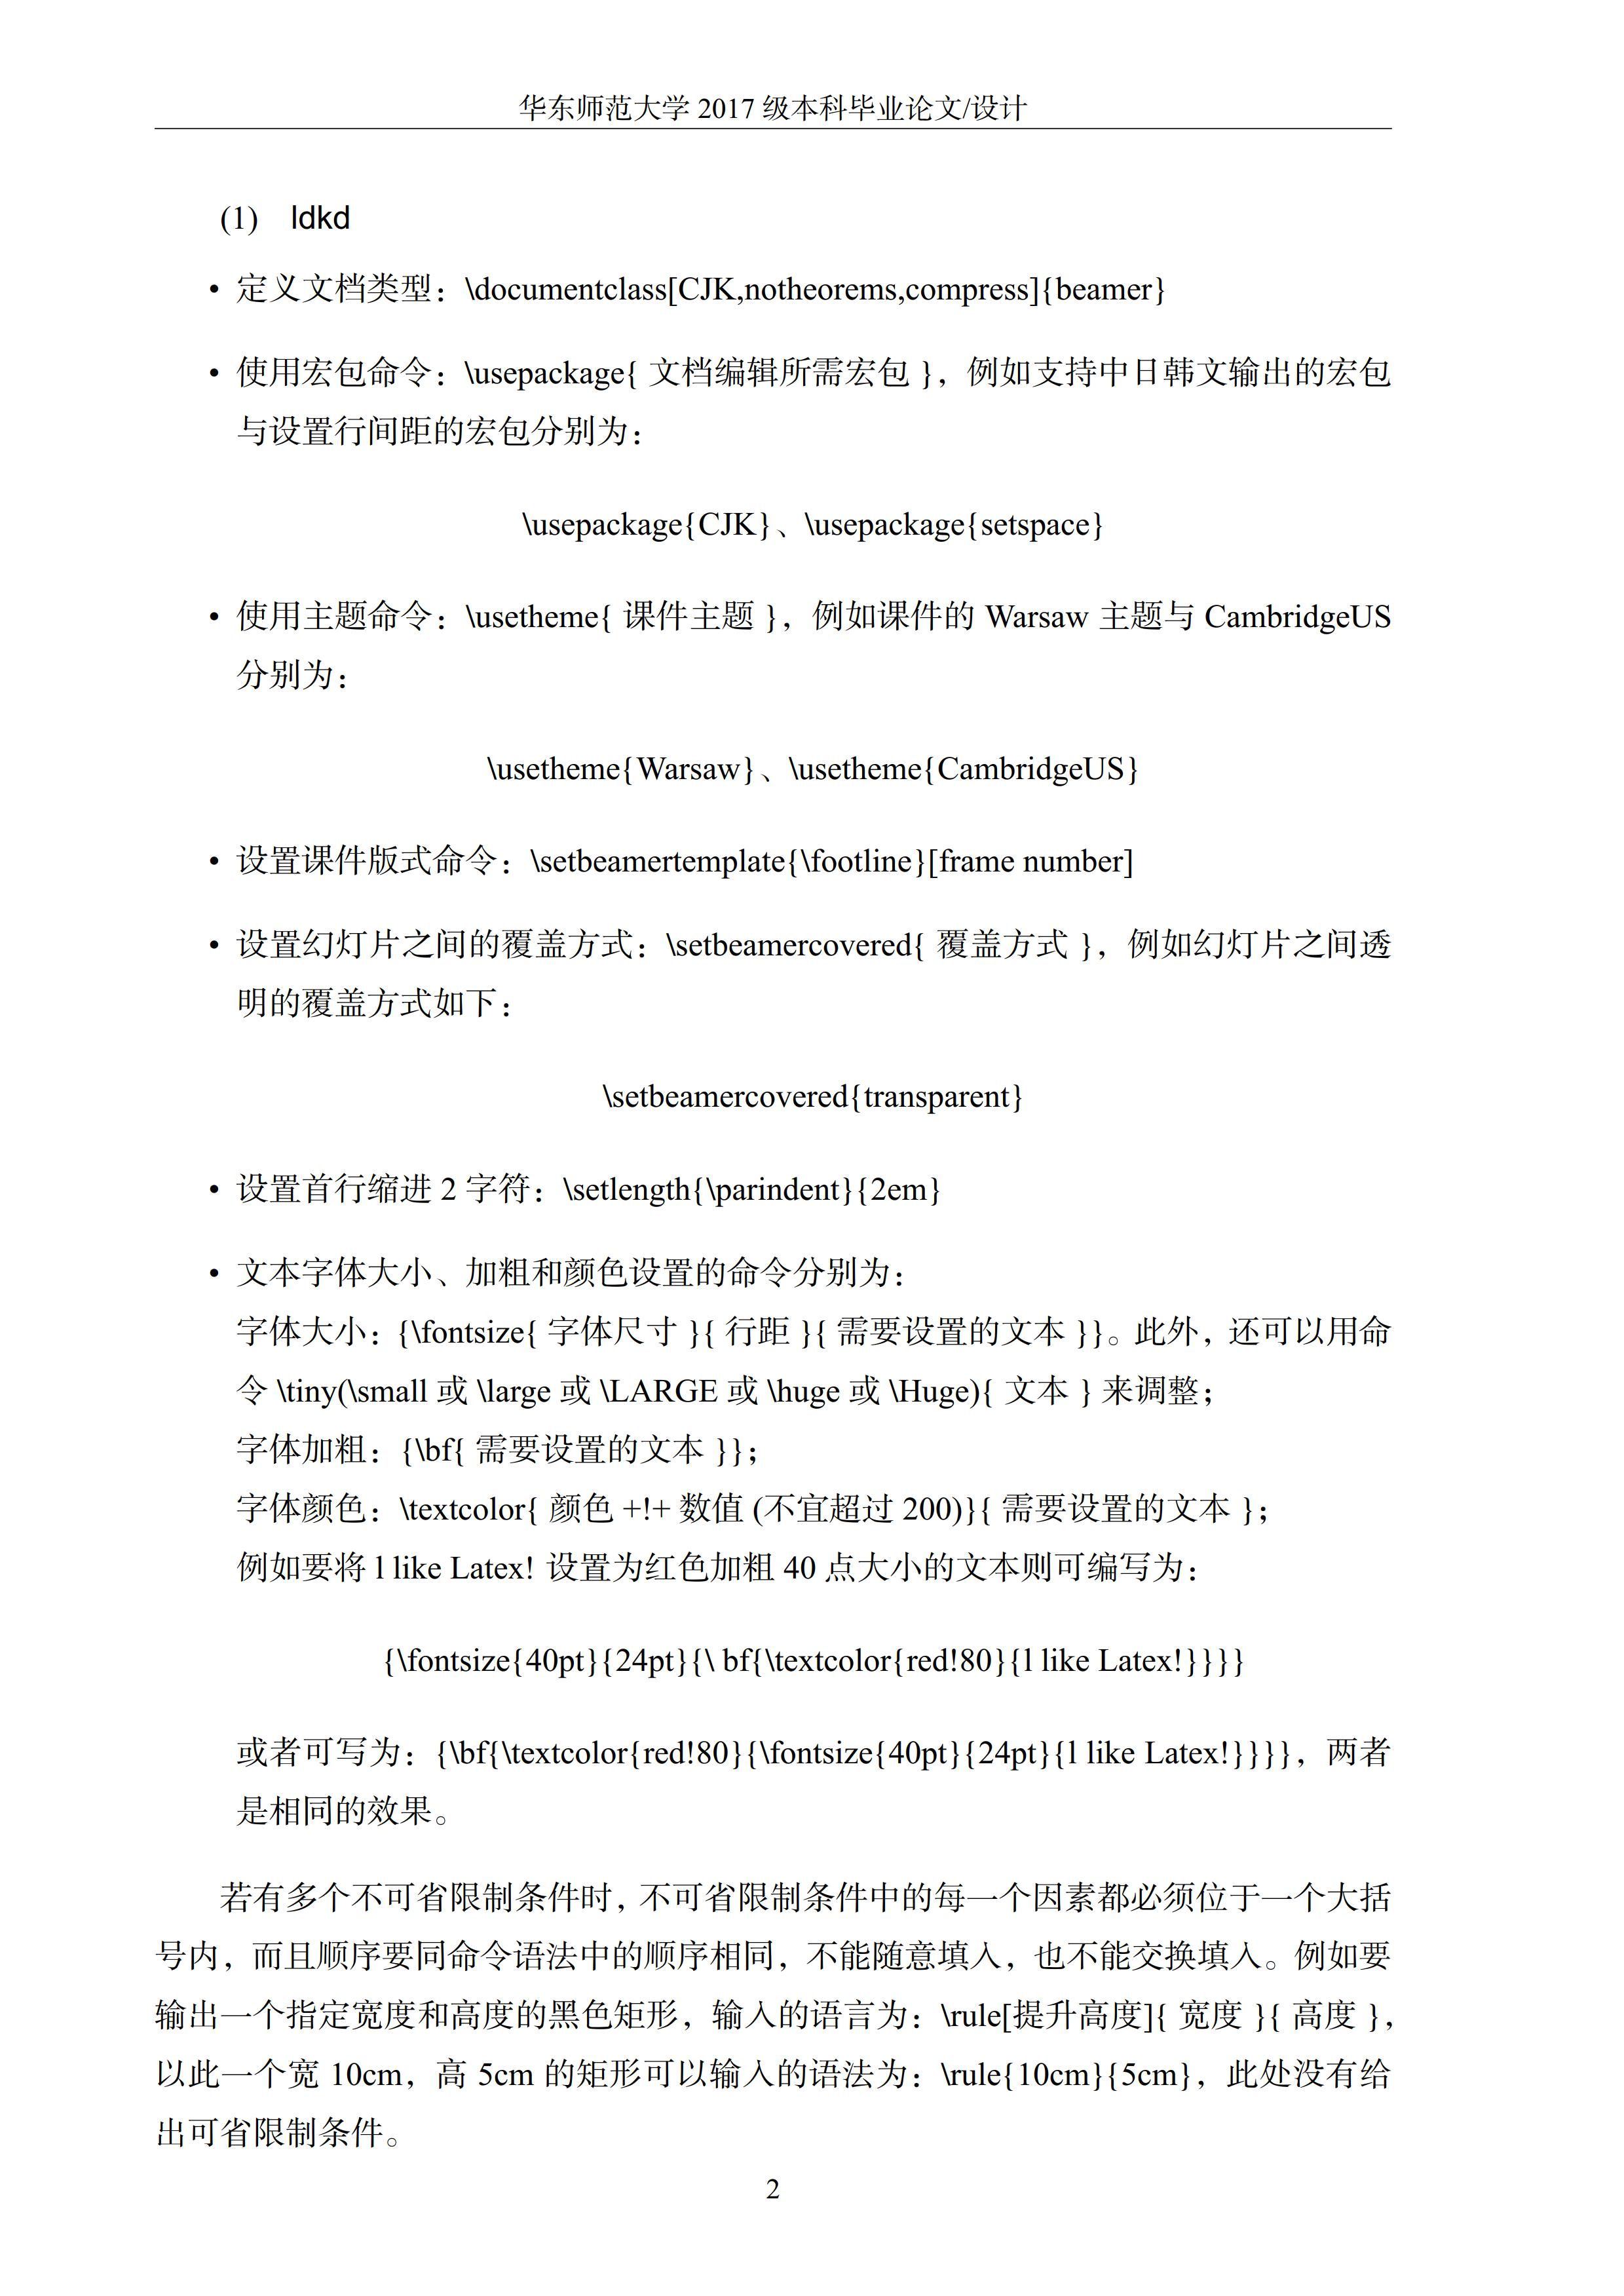 华东师范大学本科毕业论文模板